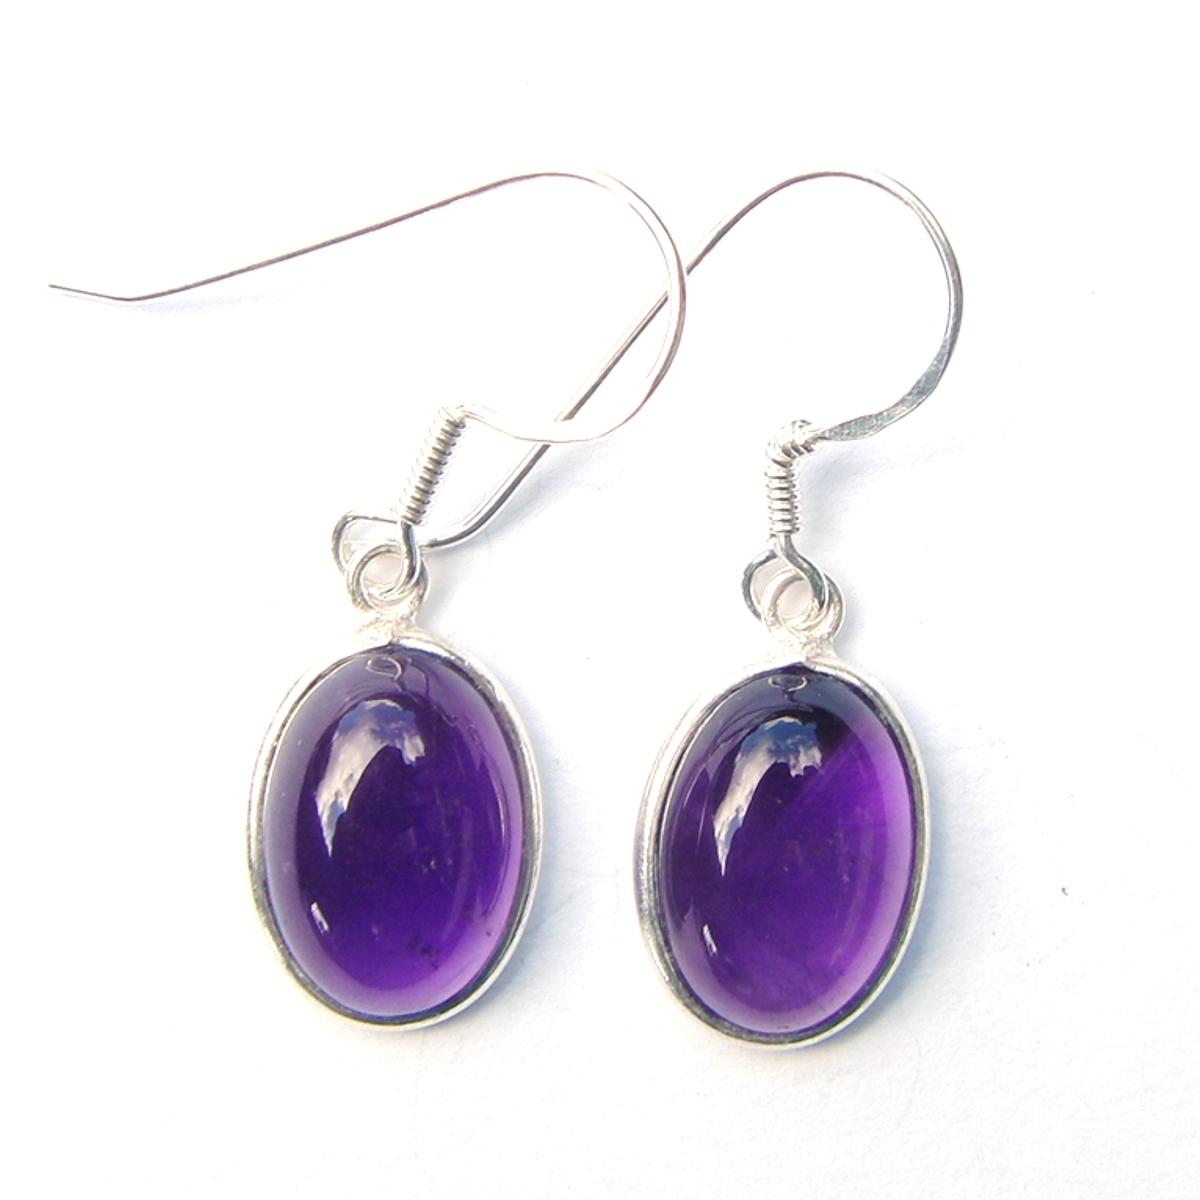 Amethyst Large Oval Earrings